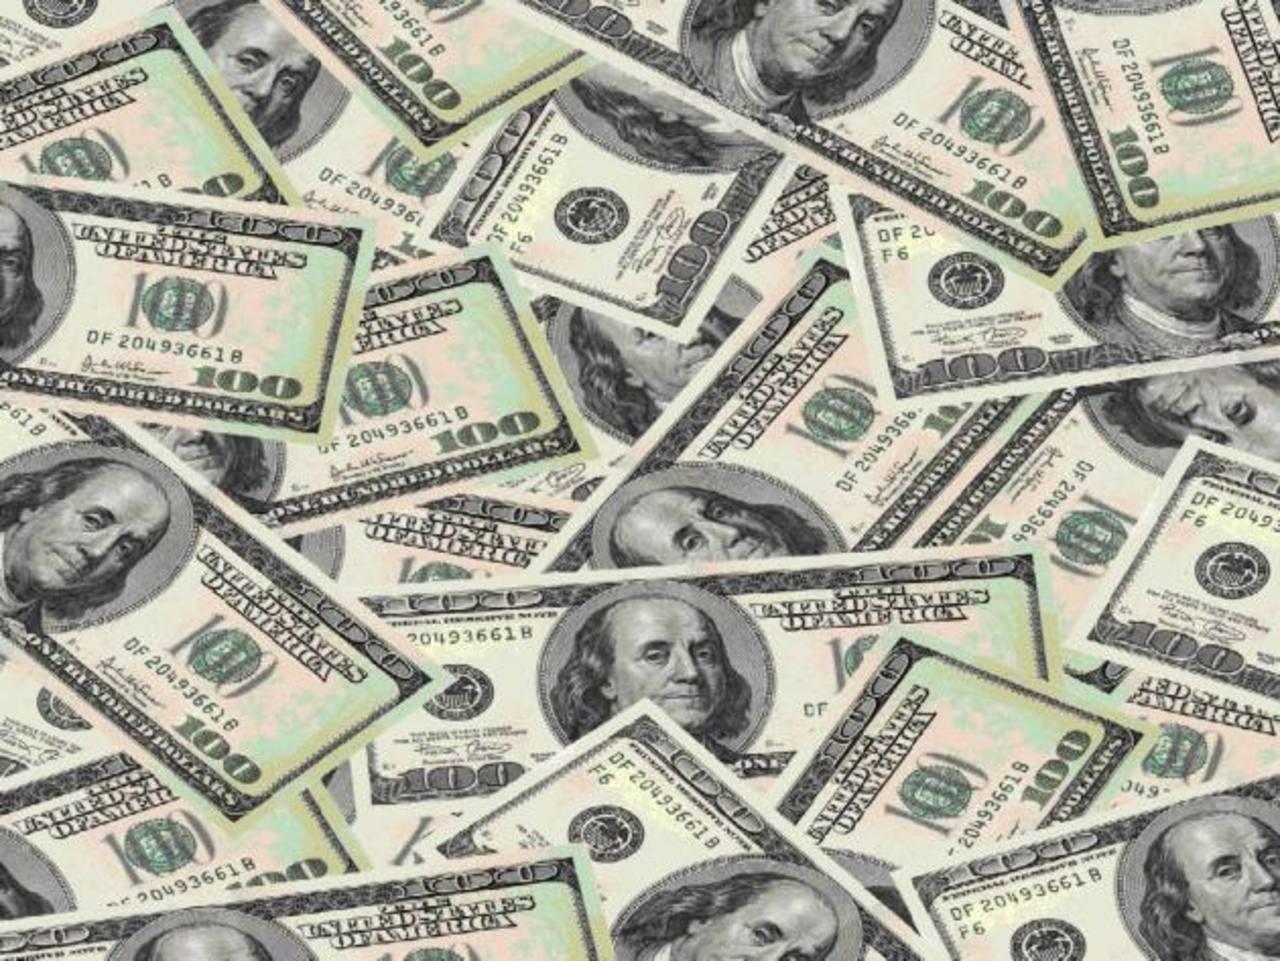 En lo que va del año se han titularizado $68.8 millones.